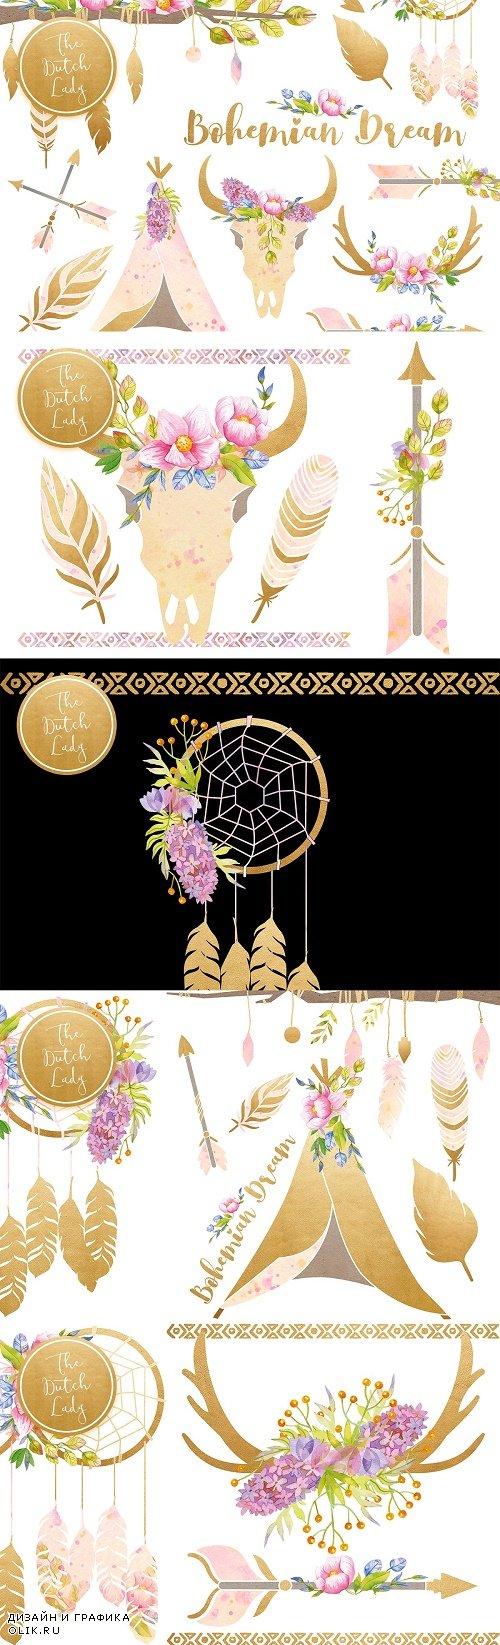 Bohemian Dream Clipart Set - 3911210